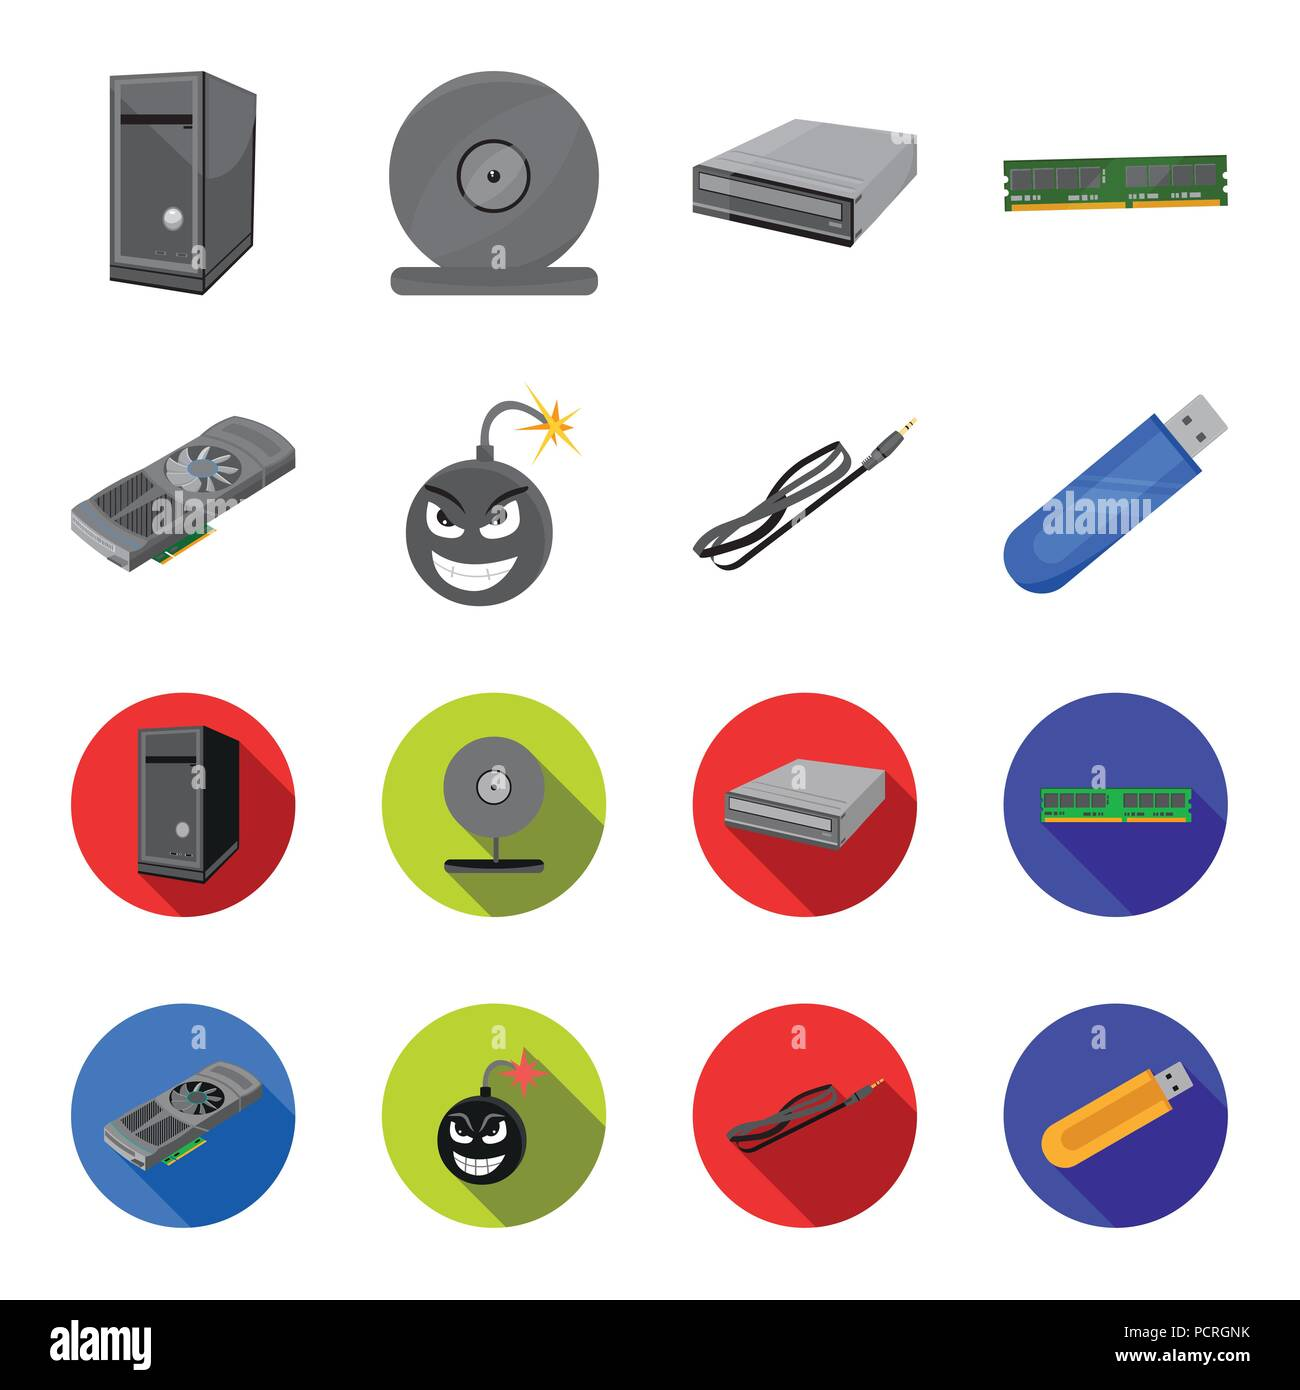 Virus Vector Set Cartoon Style Imágenes De Stock & Virus Vector Set ...